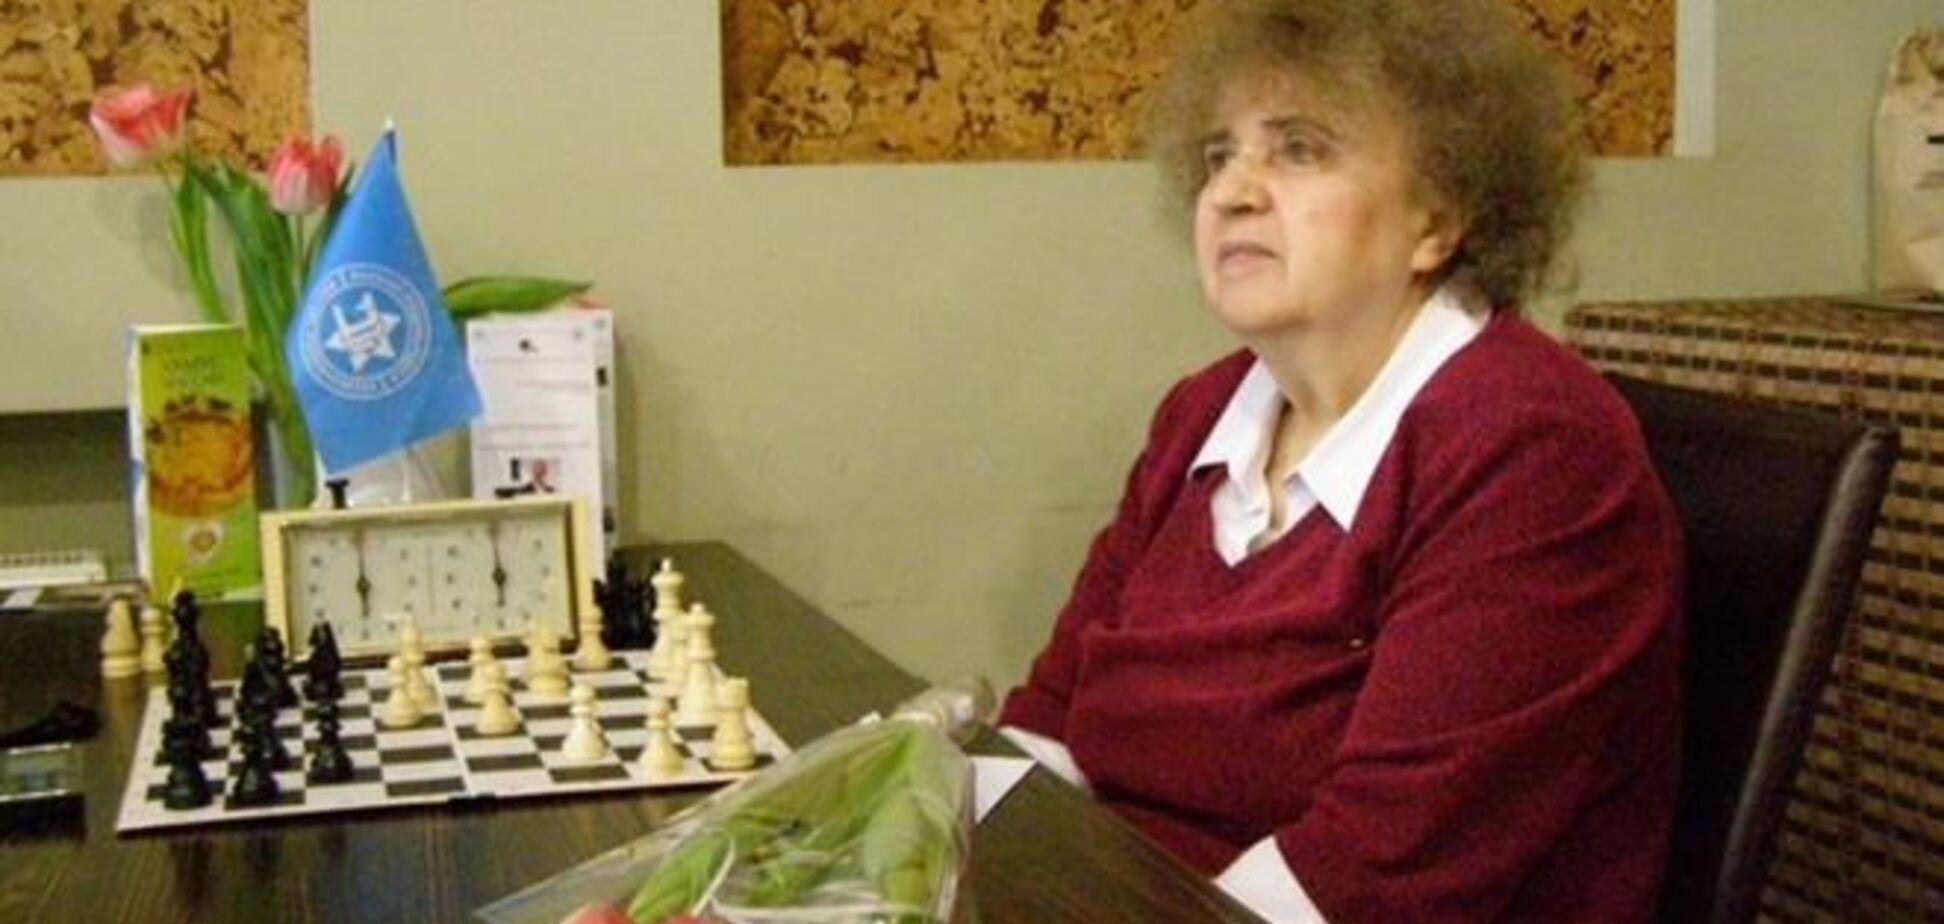 Татьяна Морозова: история советских шахмат - это и моя история